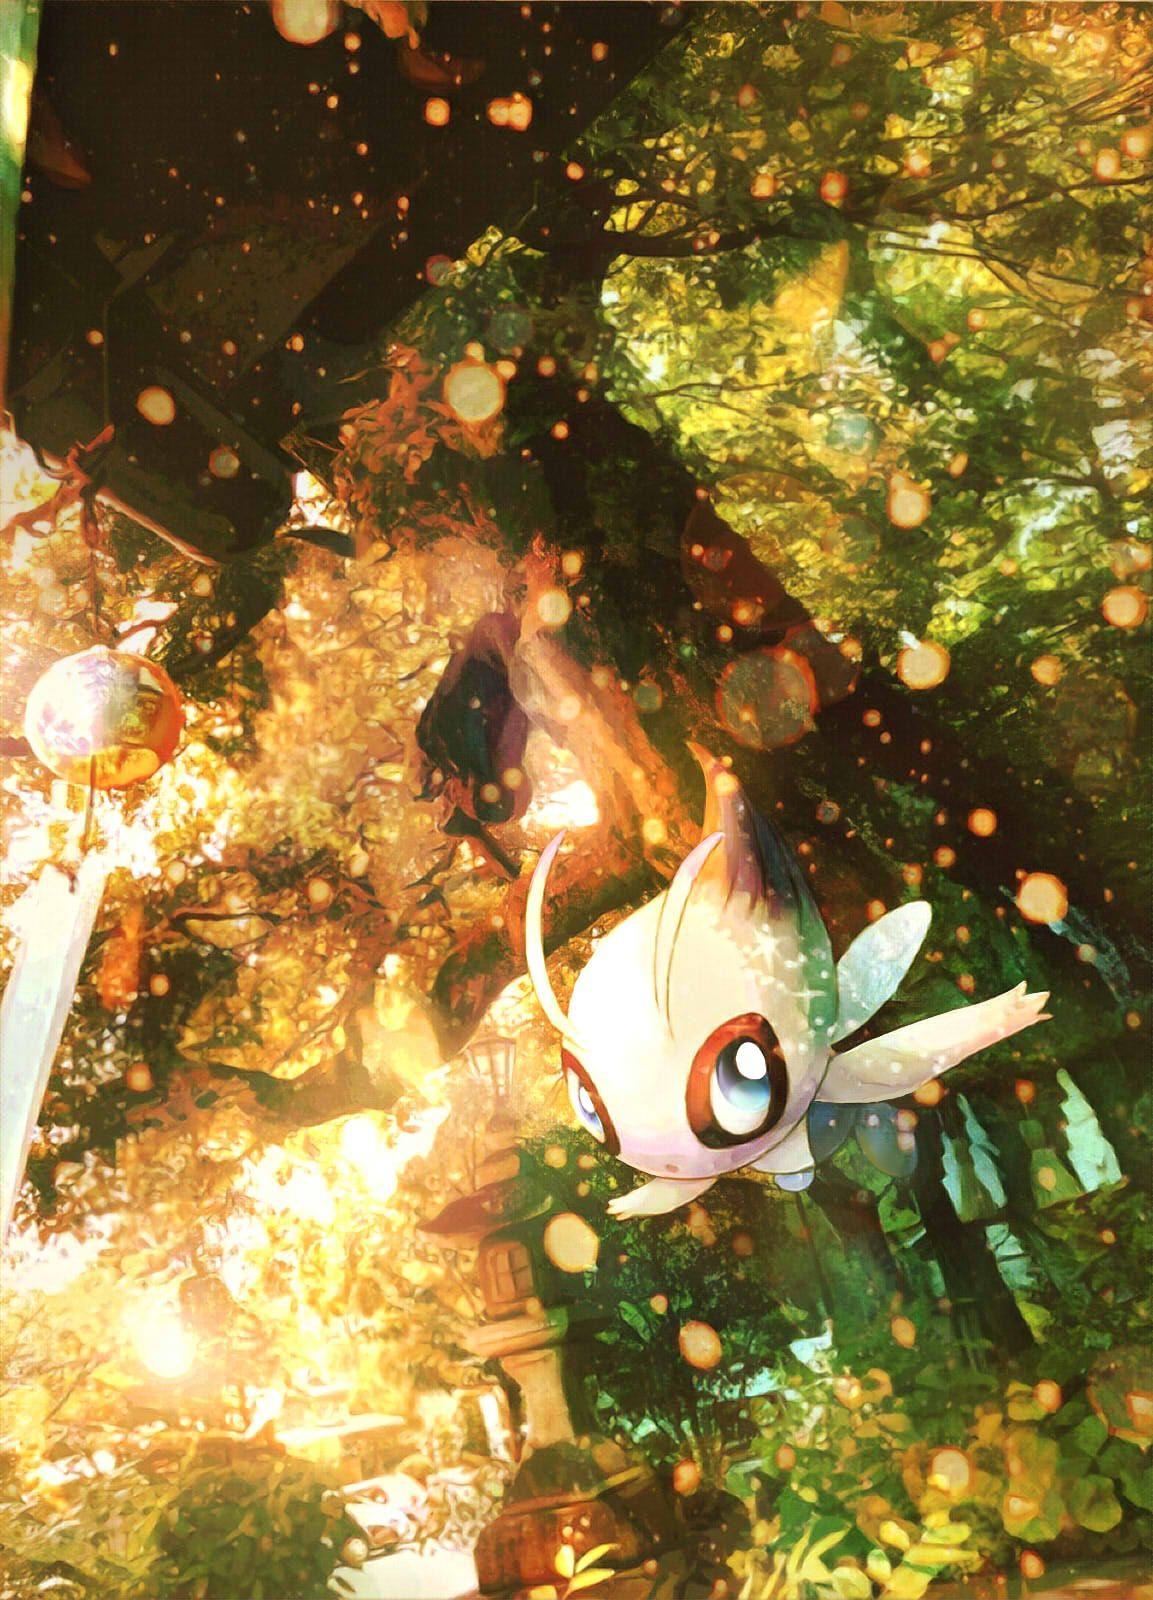 Celebi – Pokémon – Mobile Wallpaper #2120196 – Zerochan Anime Image …